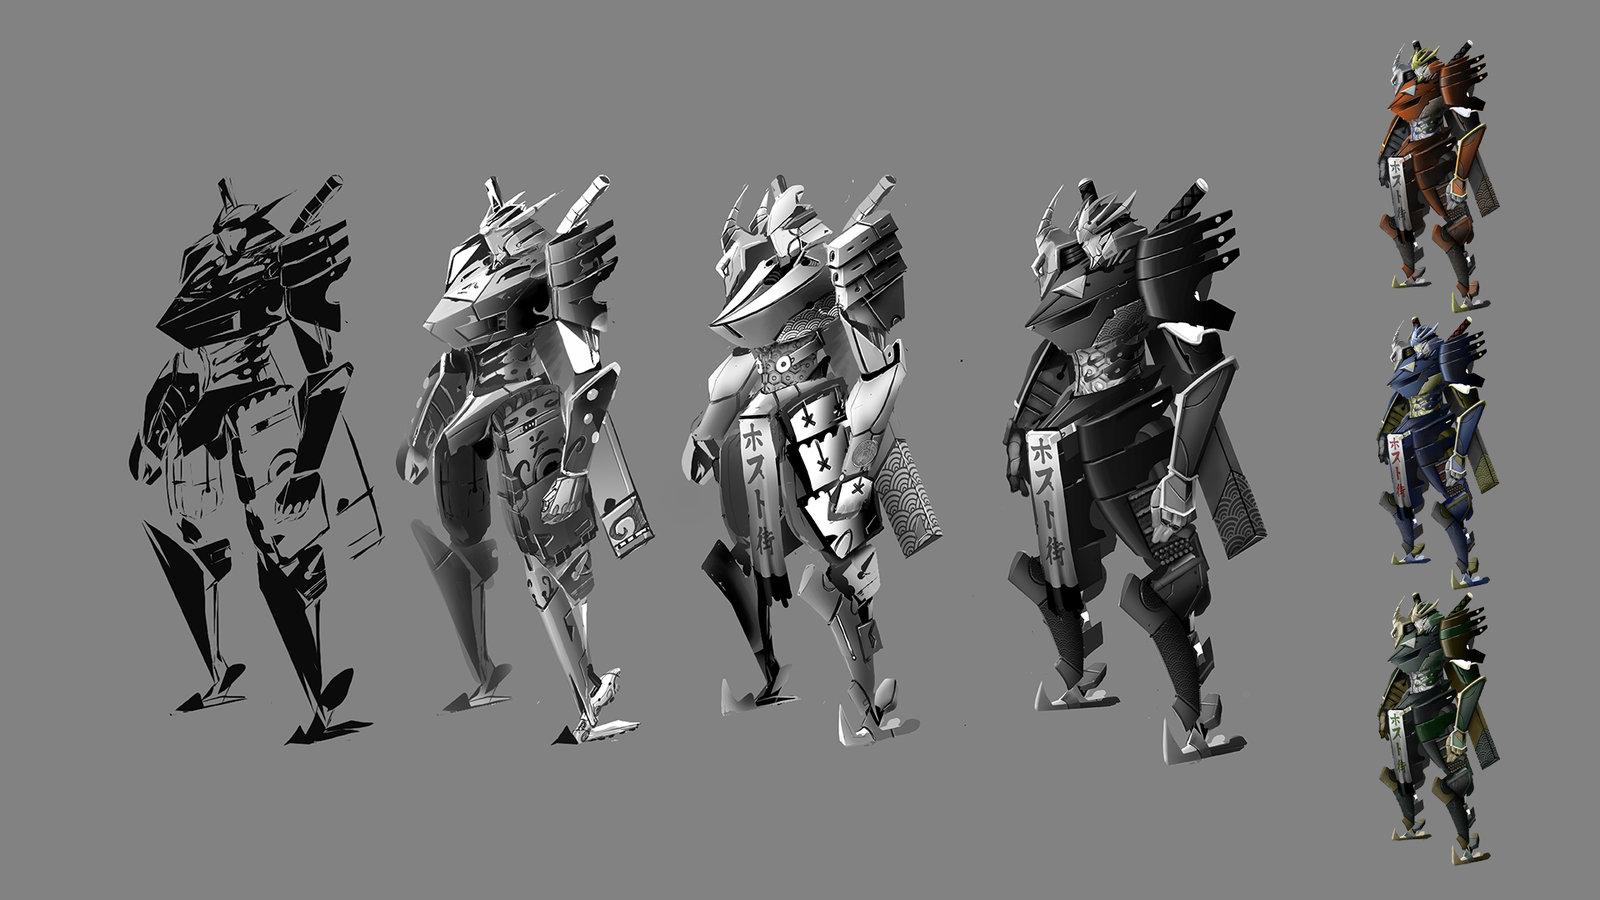 Samurai Robot exploration with final design